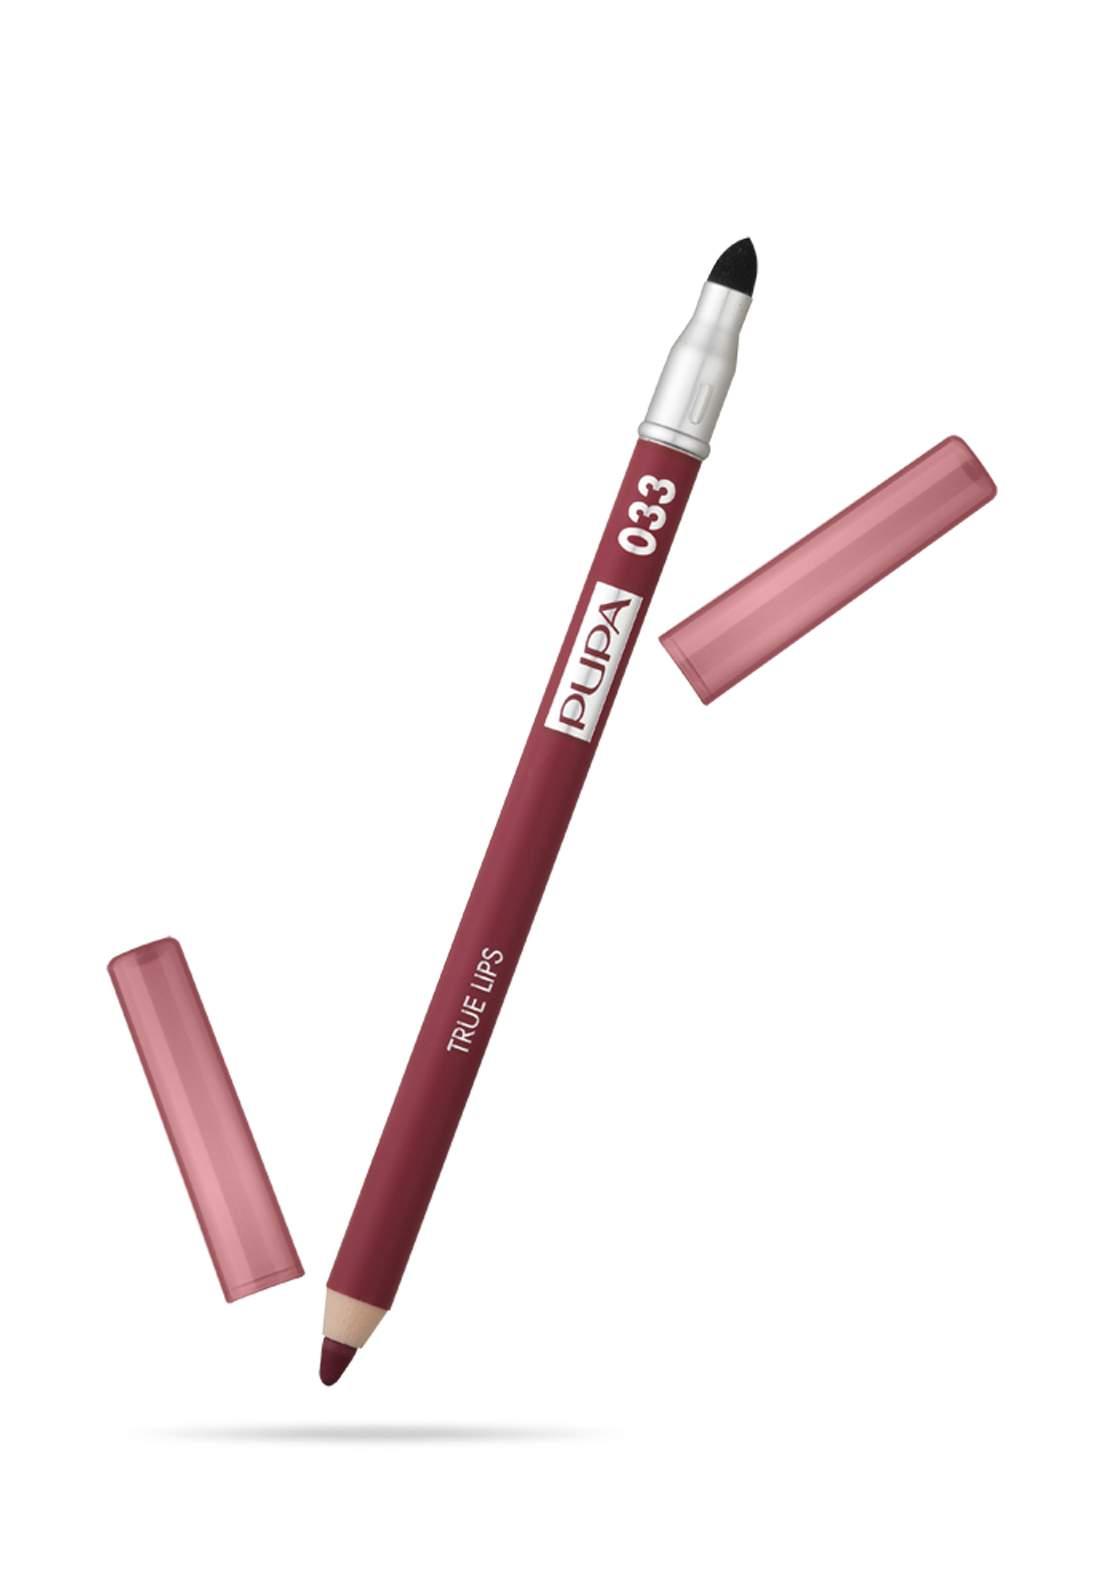 Pupa True Lips Blendable Lip Liner Pencil No.033 - Bordeaux قلم تحديد الشفاه